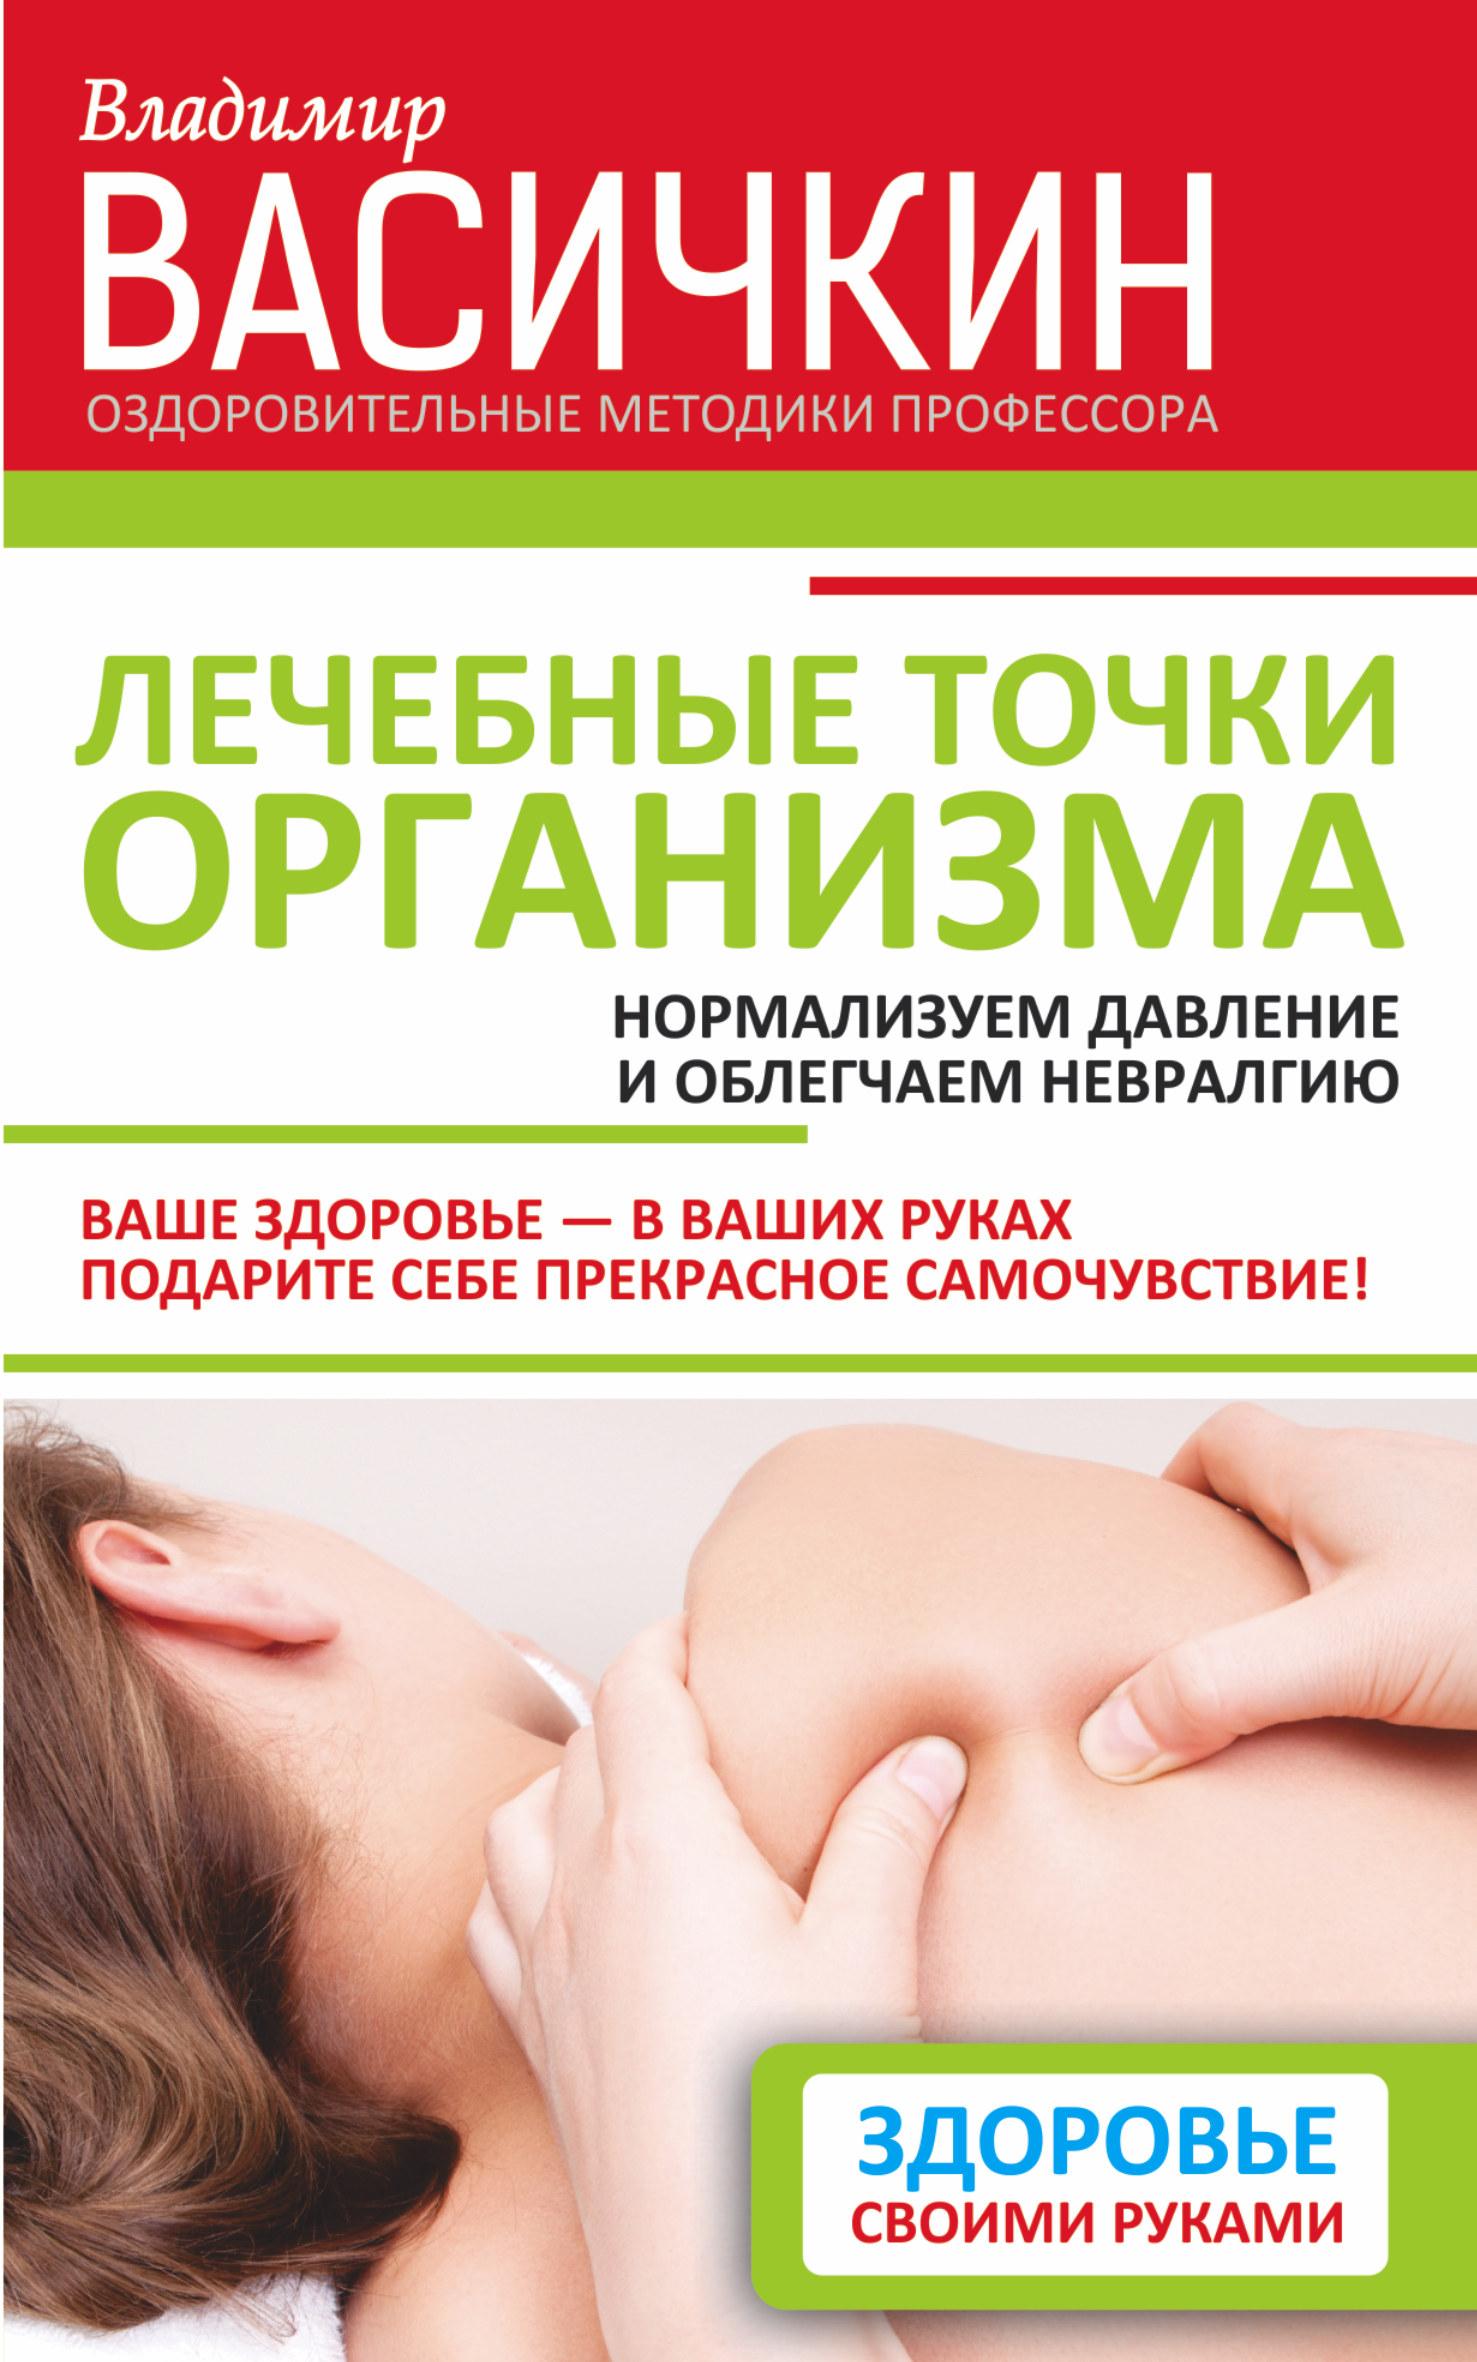 Лечебные точки организма: нормализуем давление и облегчаем невралгию